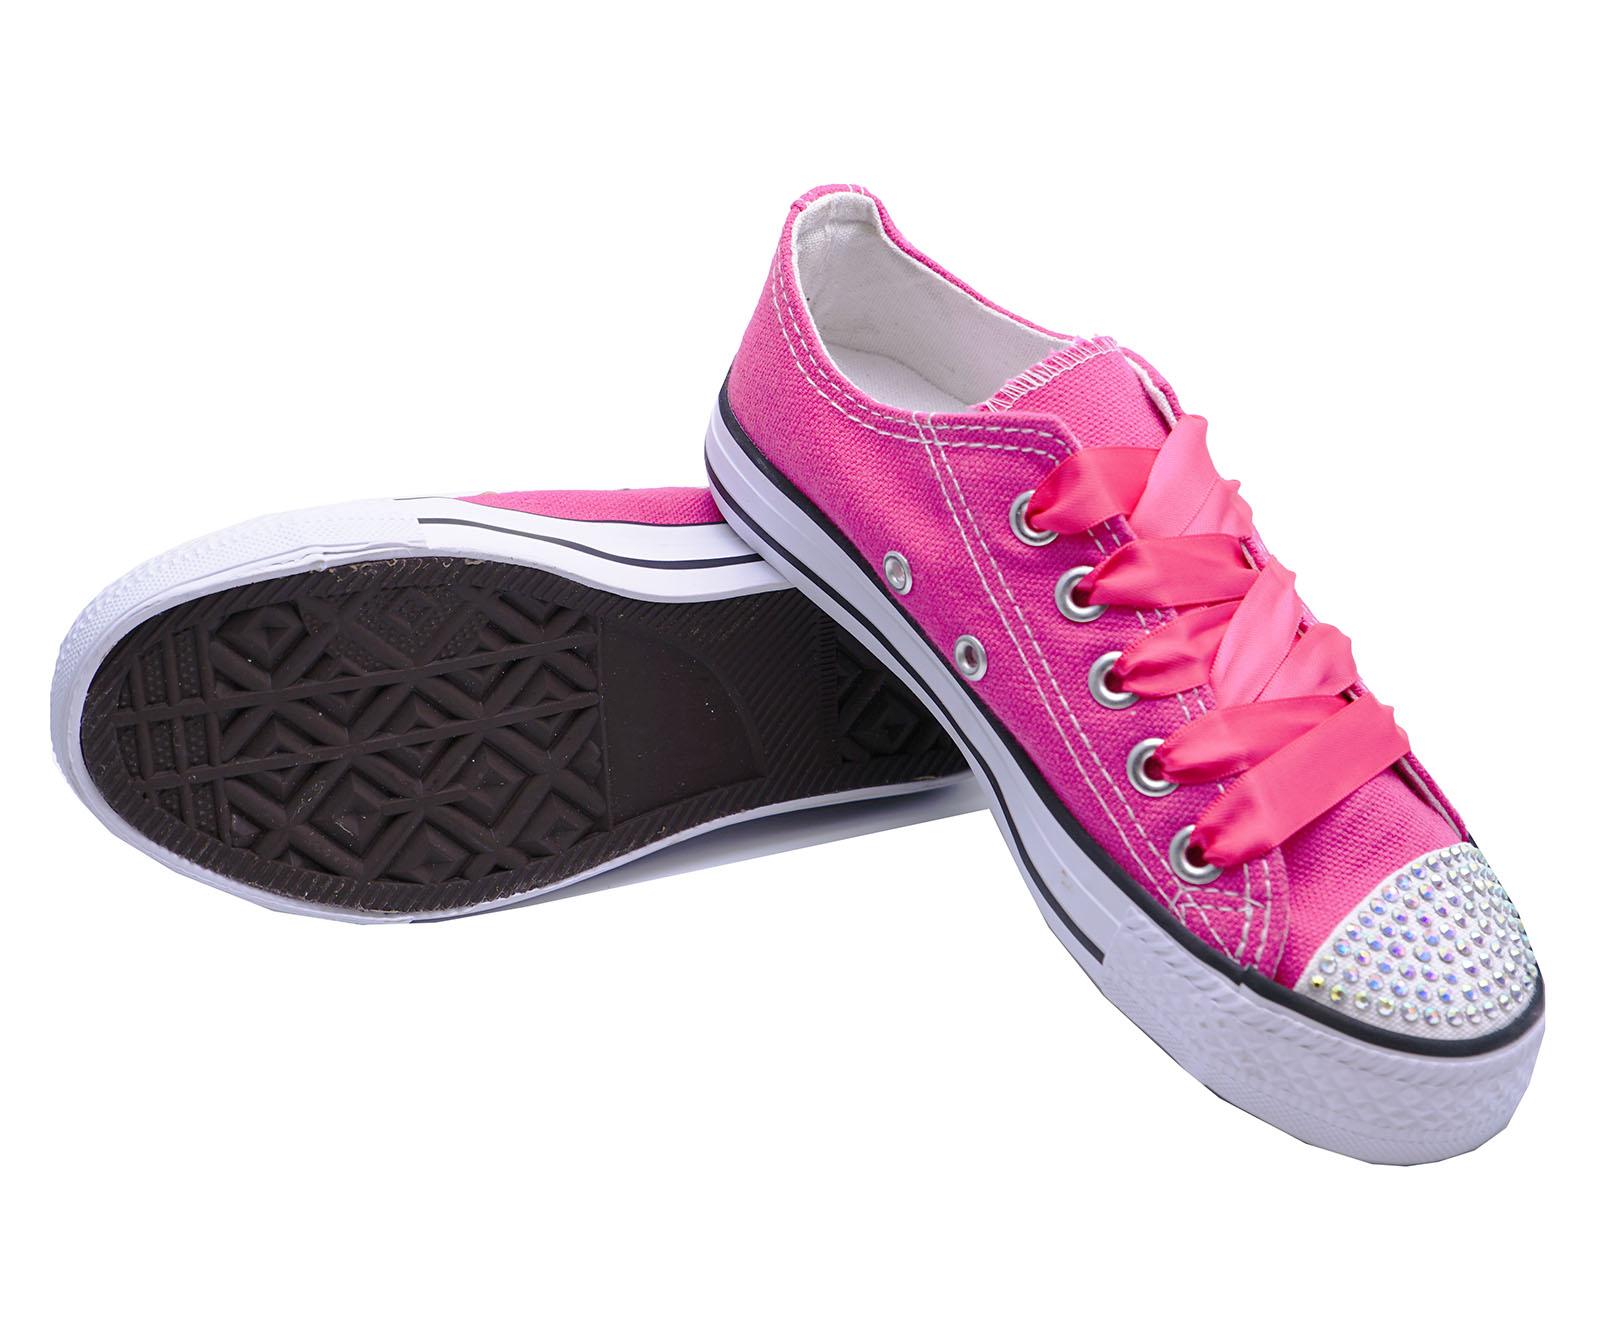 Señoras Rosa Diamante Con Cordones De Lona Playera Bombas Zapatos informales Zapatillas UK 3-8